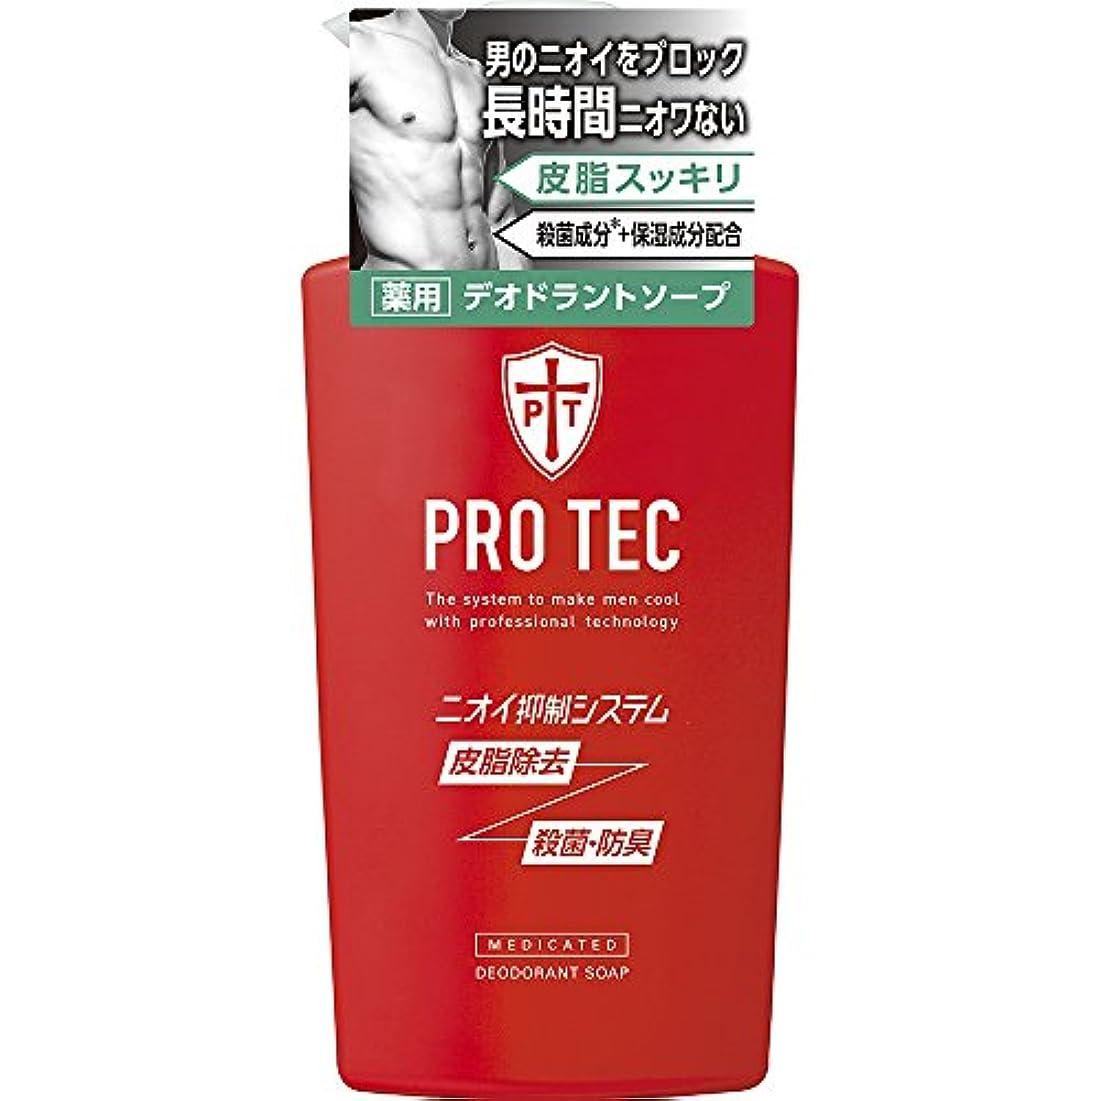 理容室後方ワーディアンケースPRO TEC(プロテク) デオドラントソープ 本体ポンプ 420ml